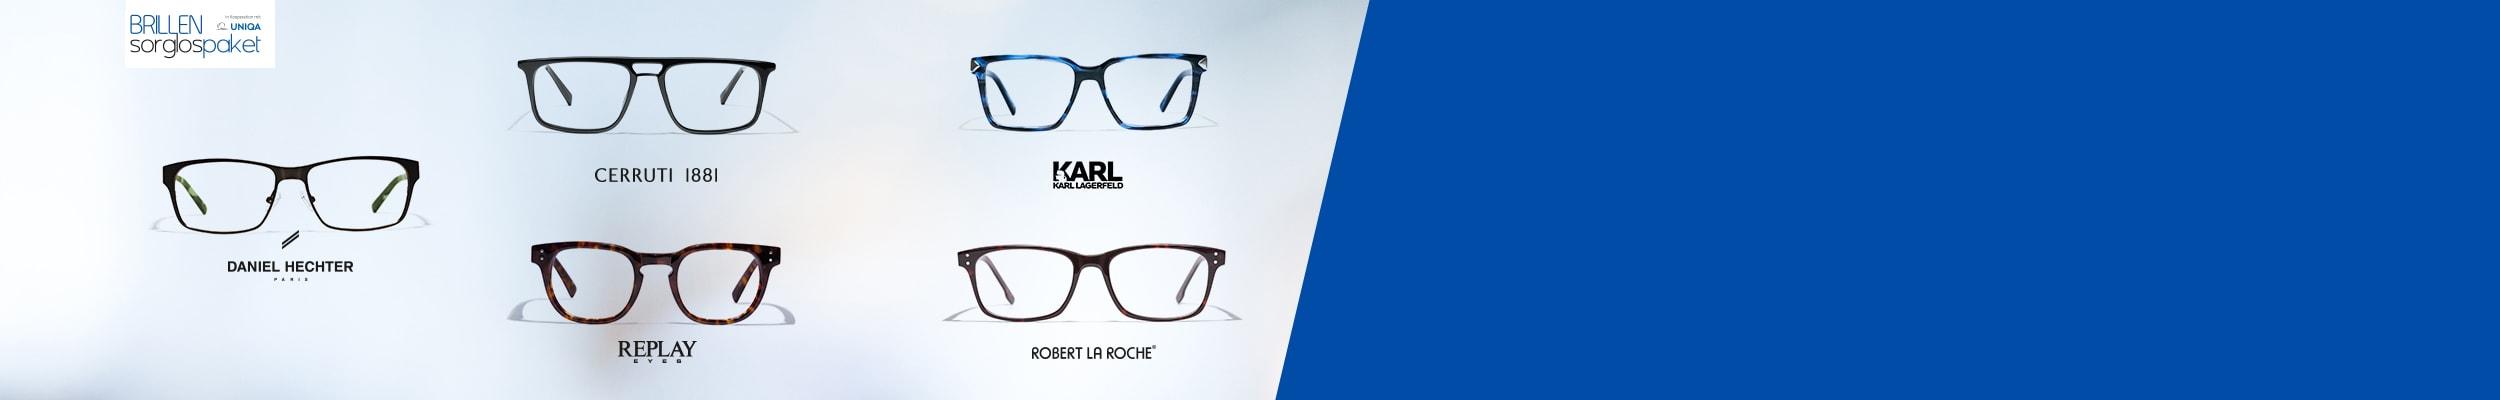 """""""Brillen verschiedener Marken mit Logos"""""""